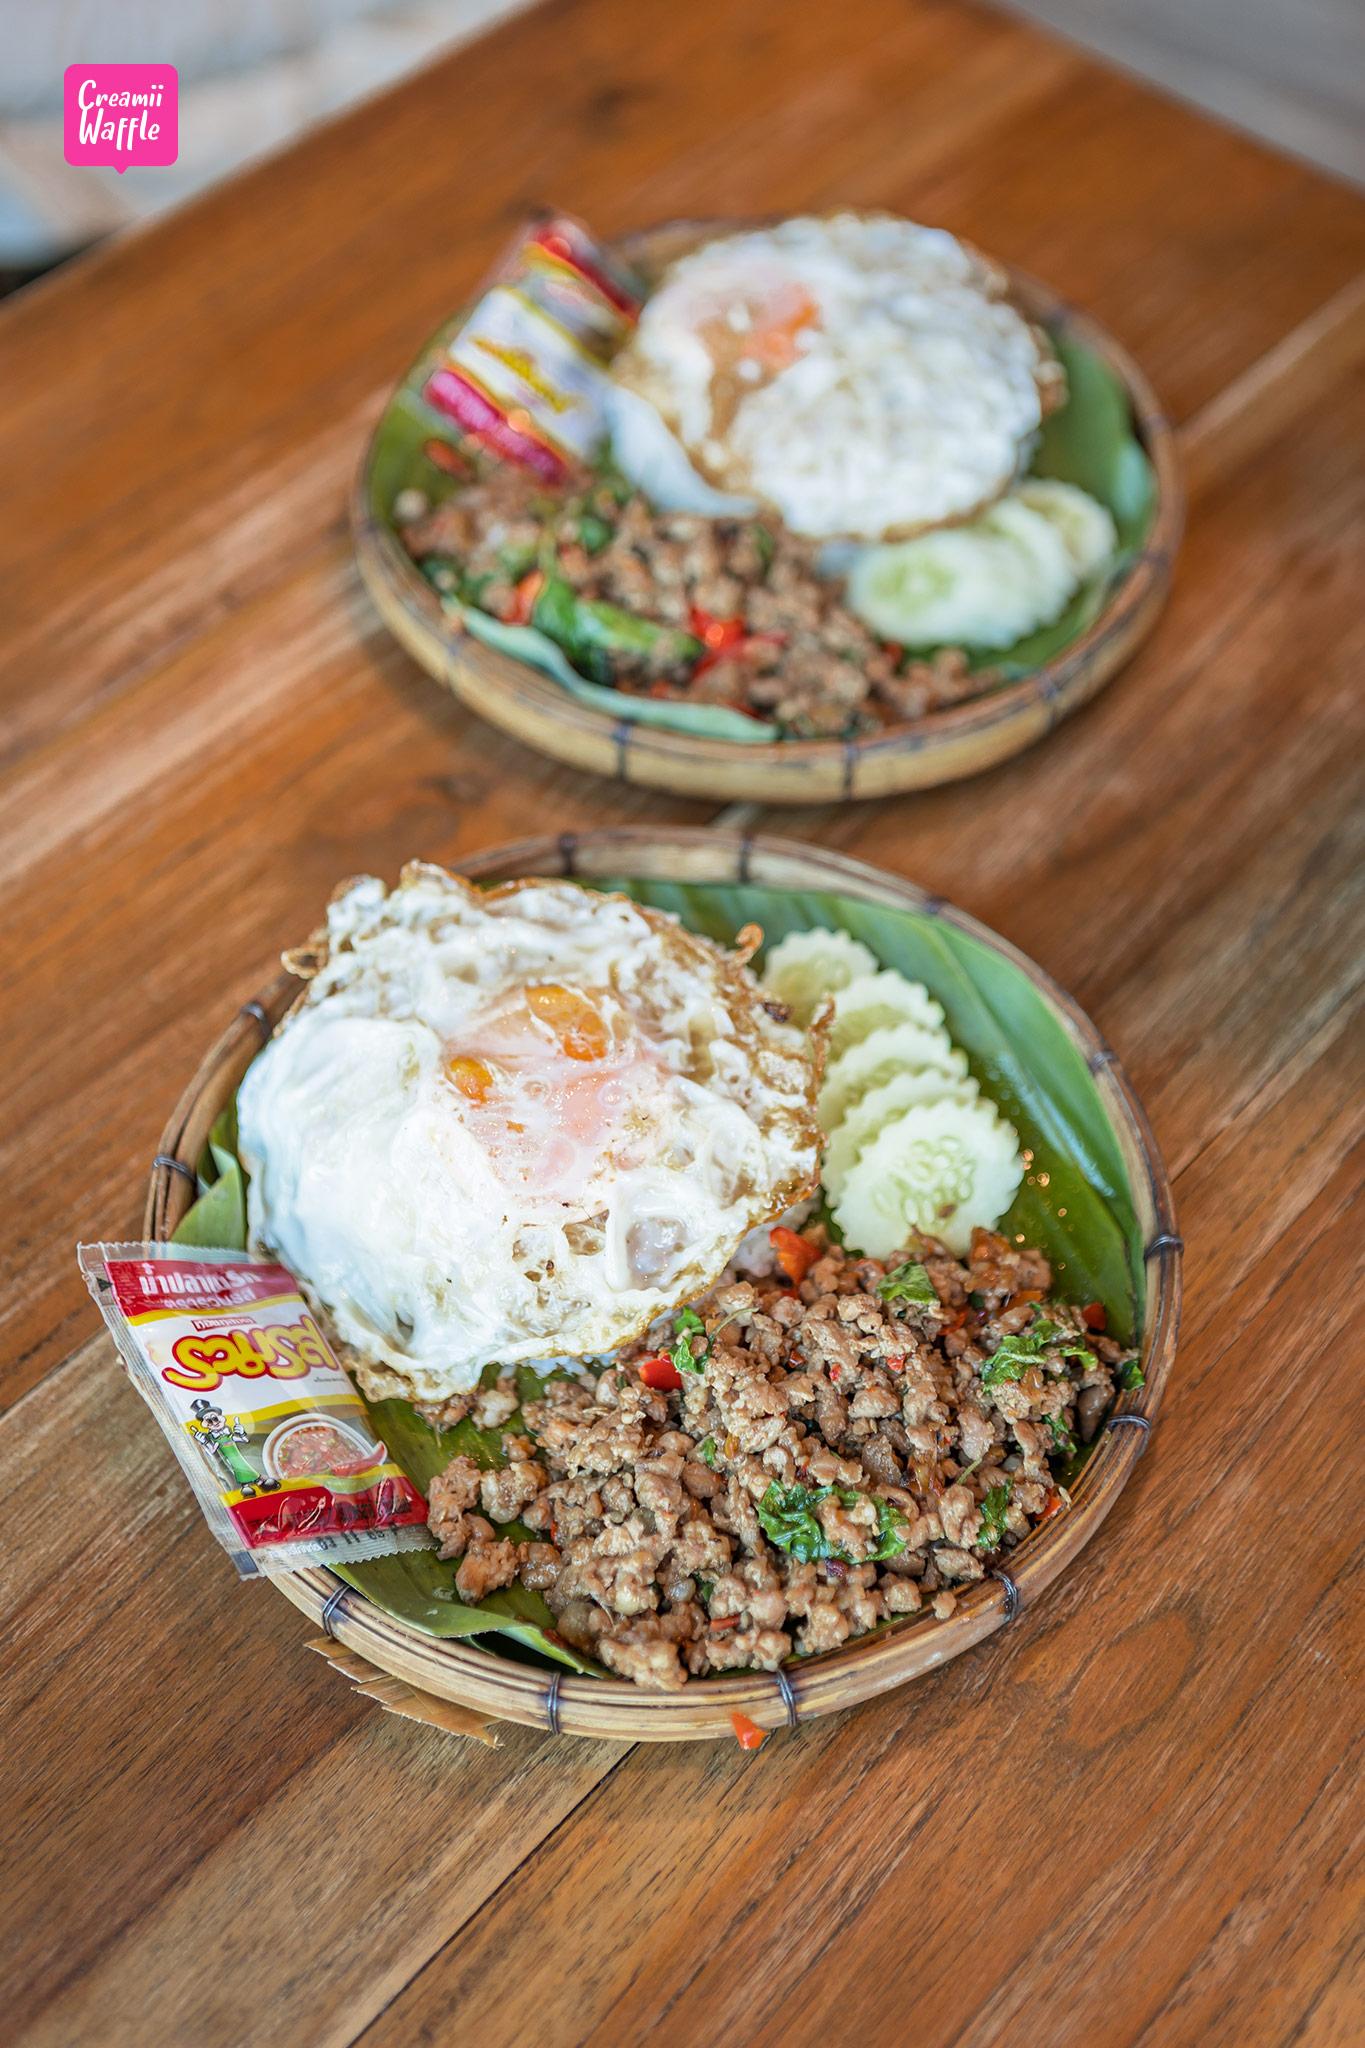 รีวิว คาเฟ่ กาญจนบุรี อาหารอร่อย